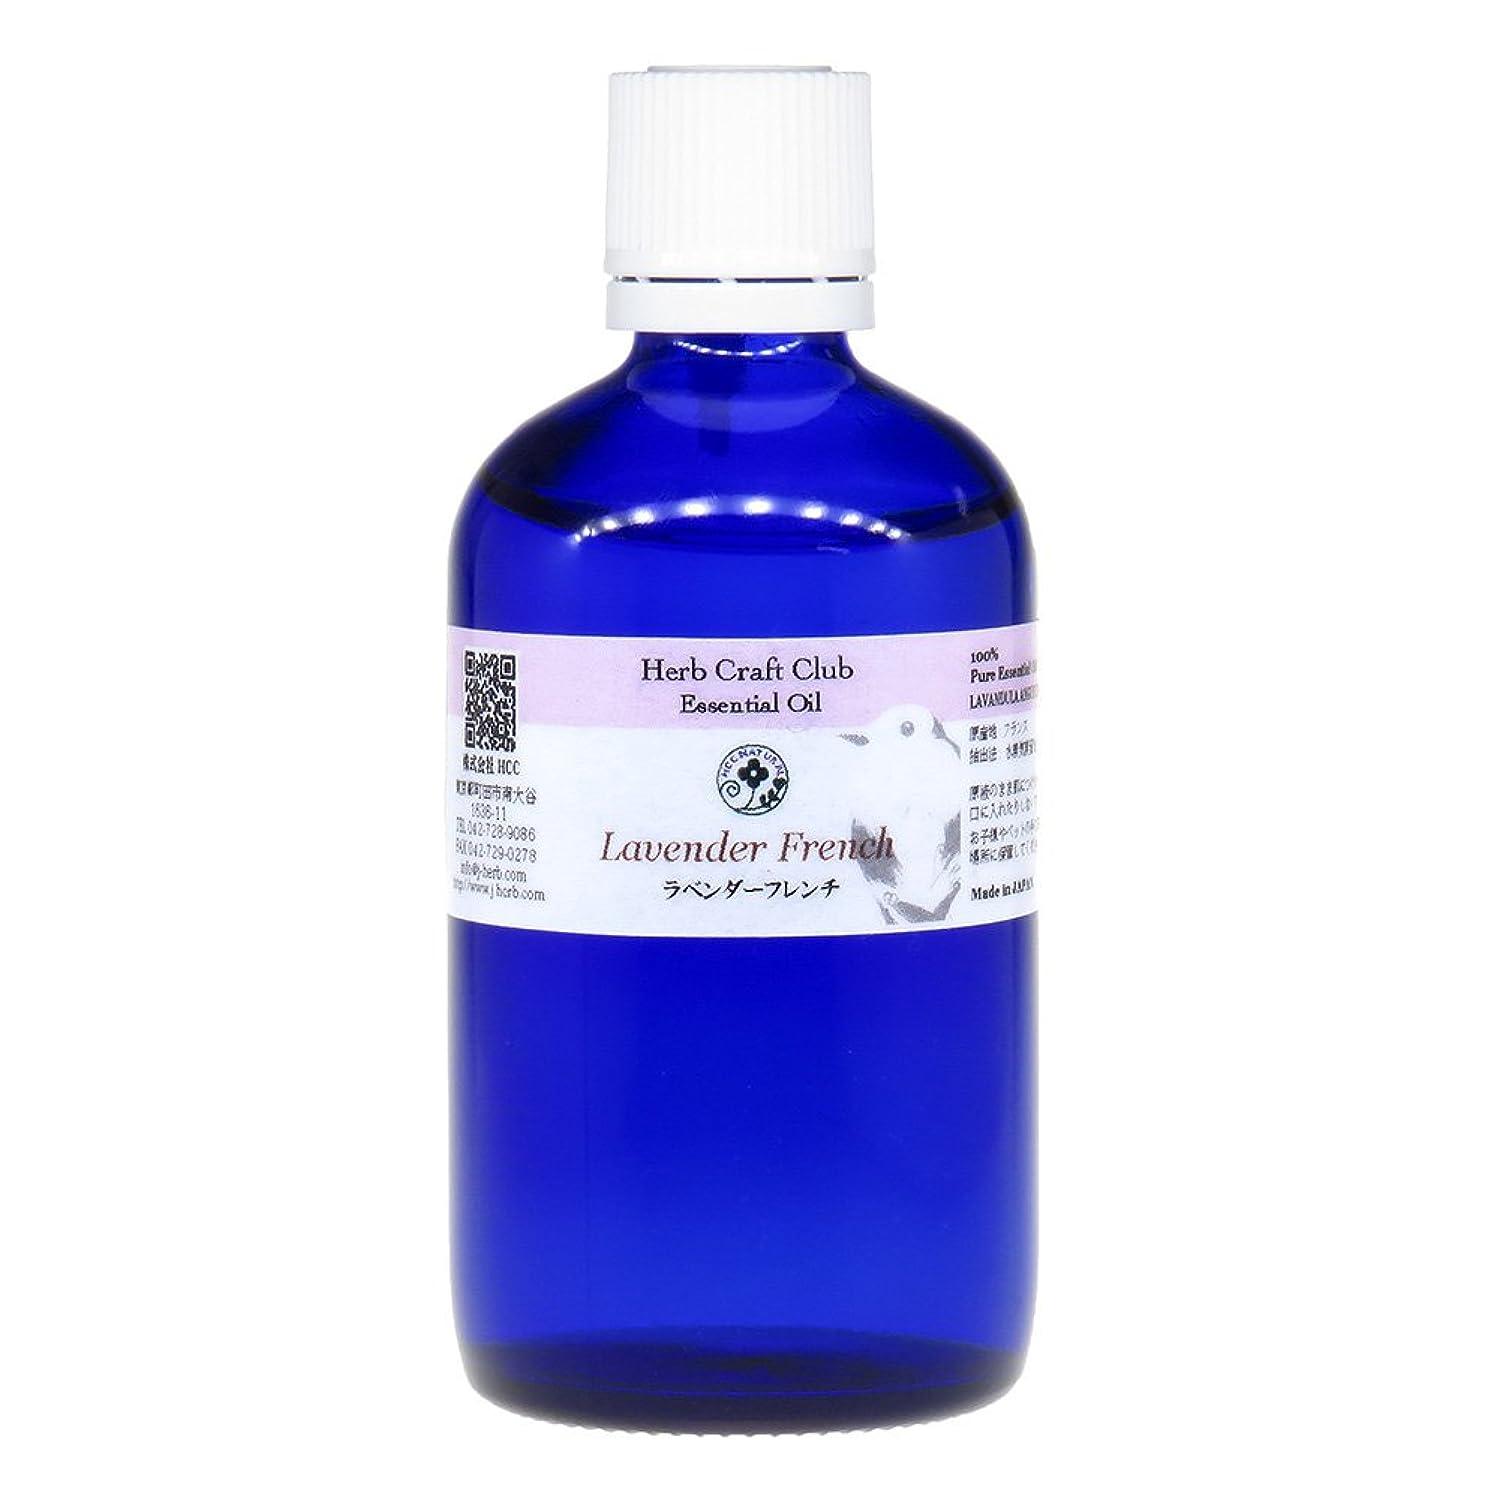 マイクロ決してアリラベンダーフレンチ105ml 100%天然エッセンシャルオイル※徳用サイズ 卸価格